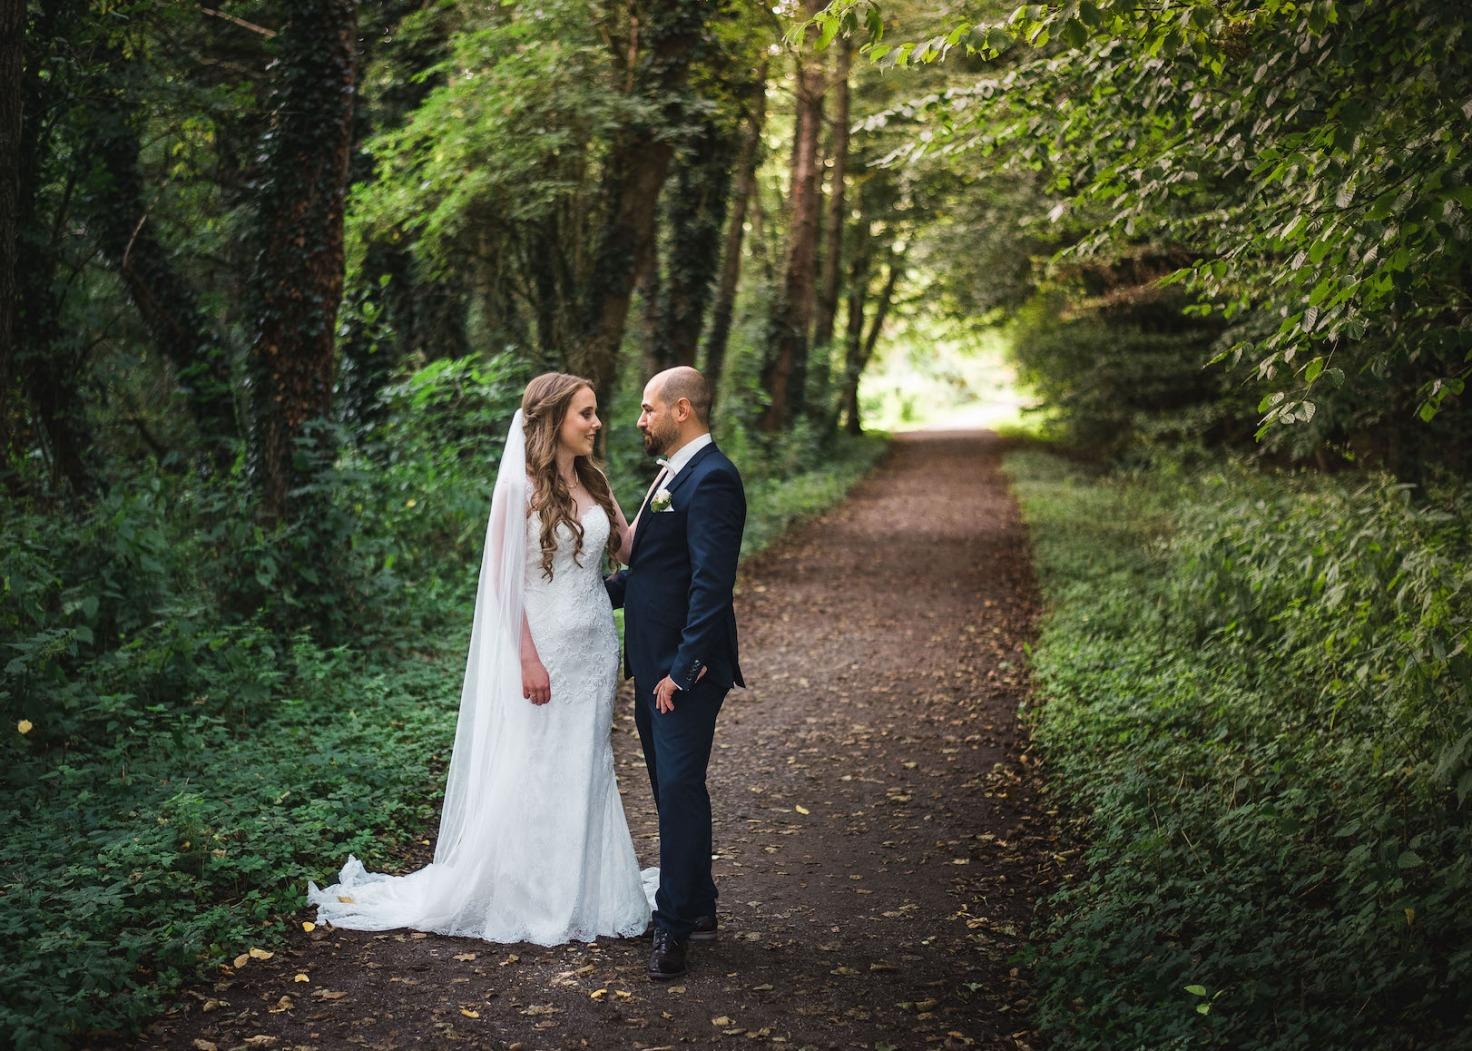 Hochzeitsfotograf Münster - Paarshooting im Park